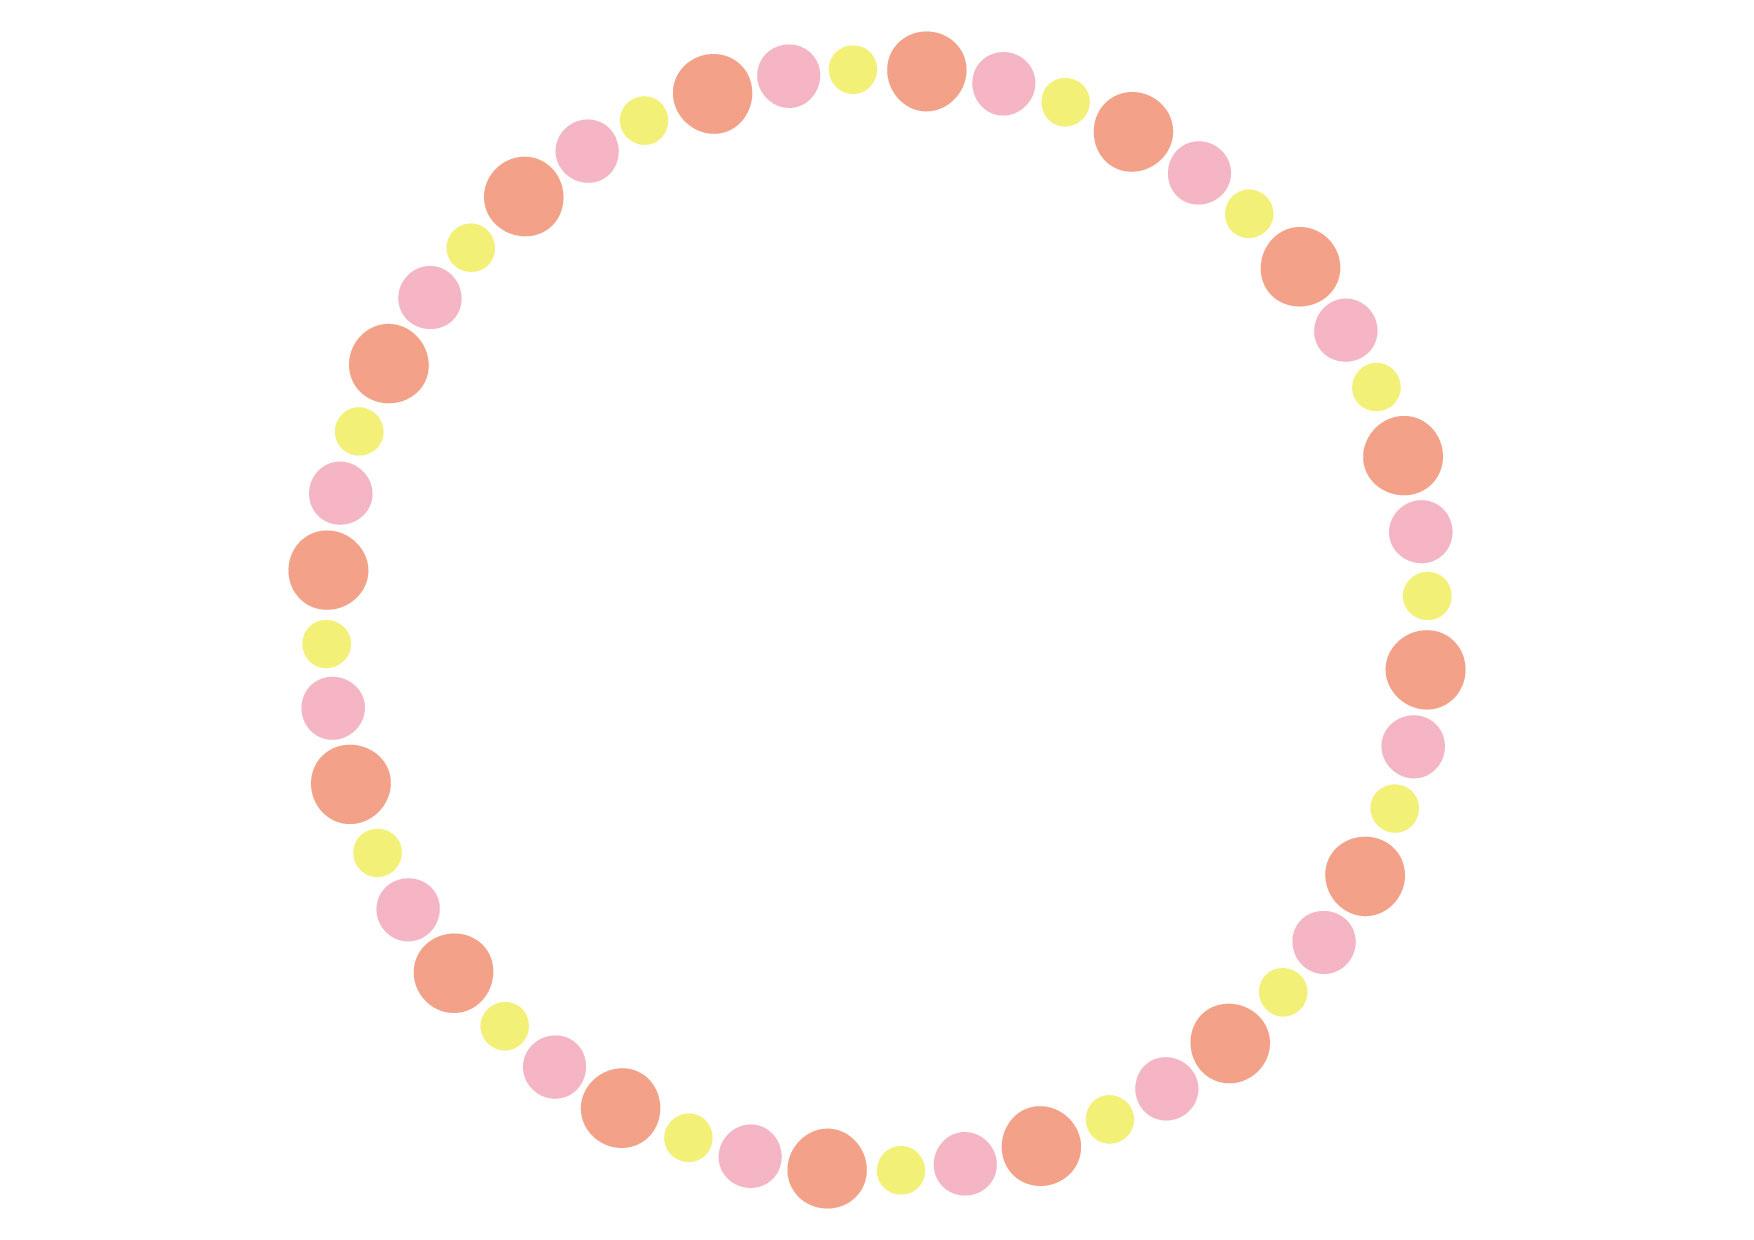 円フレーム ピンク 背景 イラスト 無料 無料イラストのイラスト